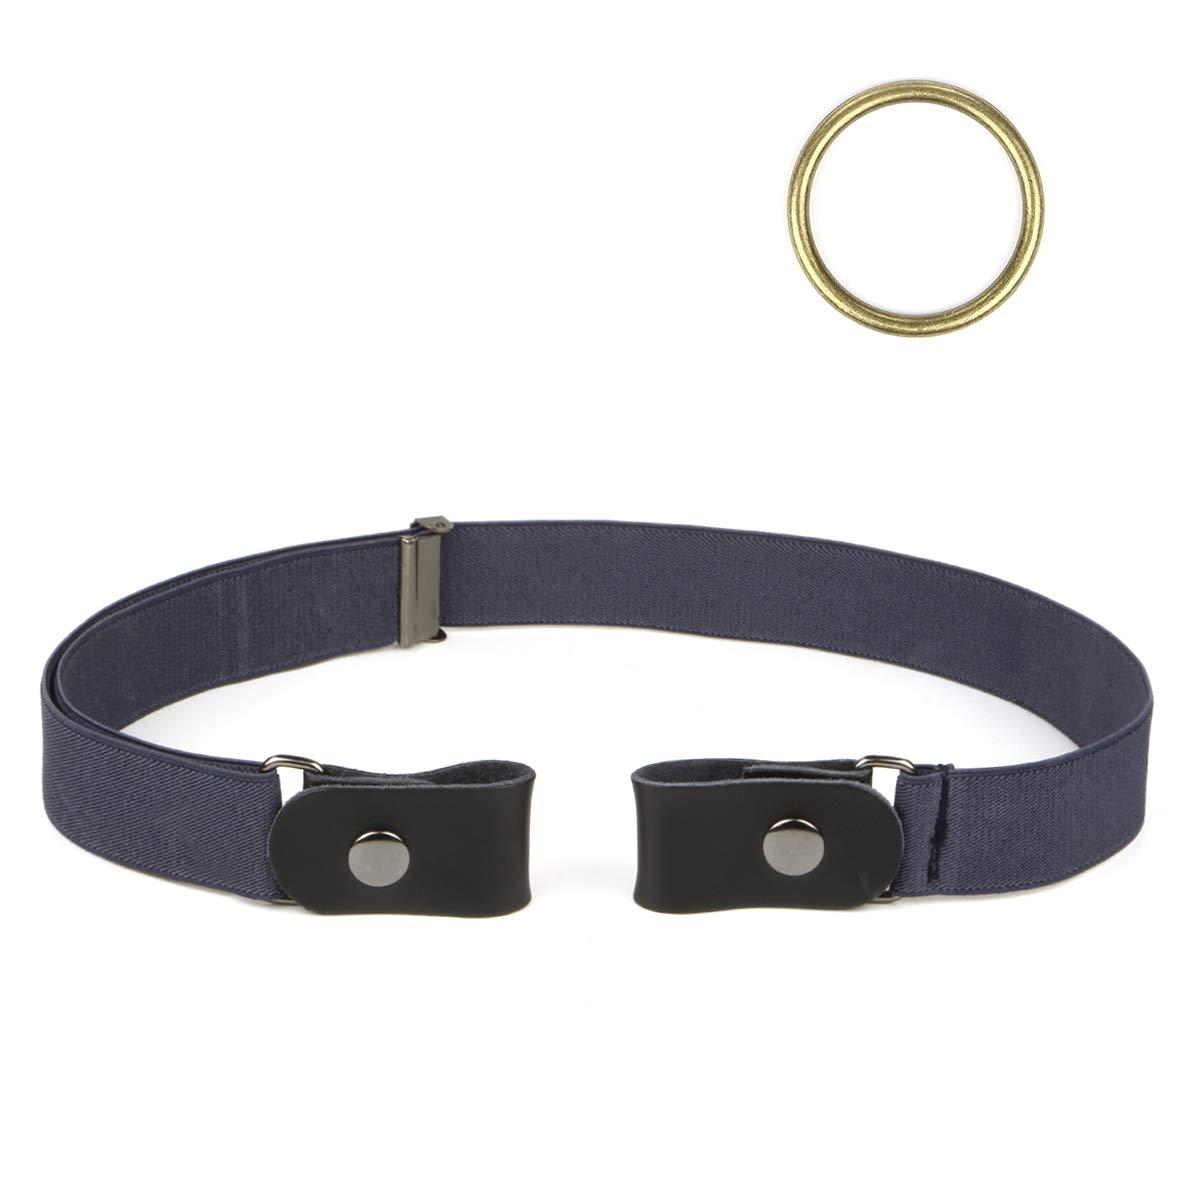 Lalafancy Actualizado Cinturón elástico sin hebilla para Mujer Hombre Ajustable Cinturón invisible con cinturón de cuero más plano, Más invisible y cómodo